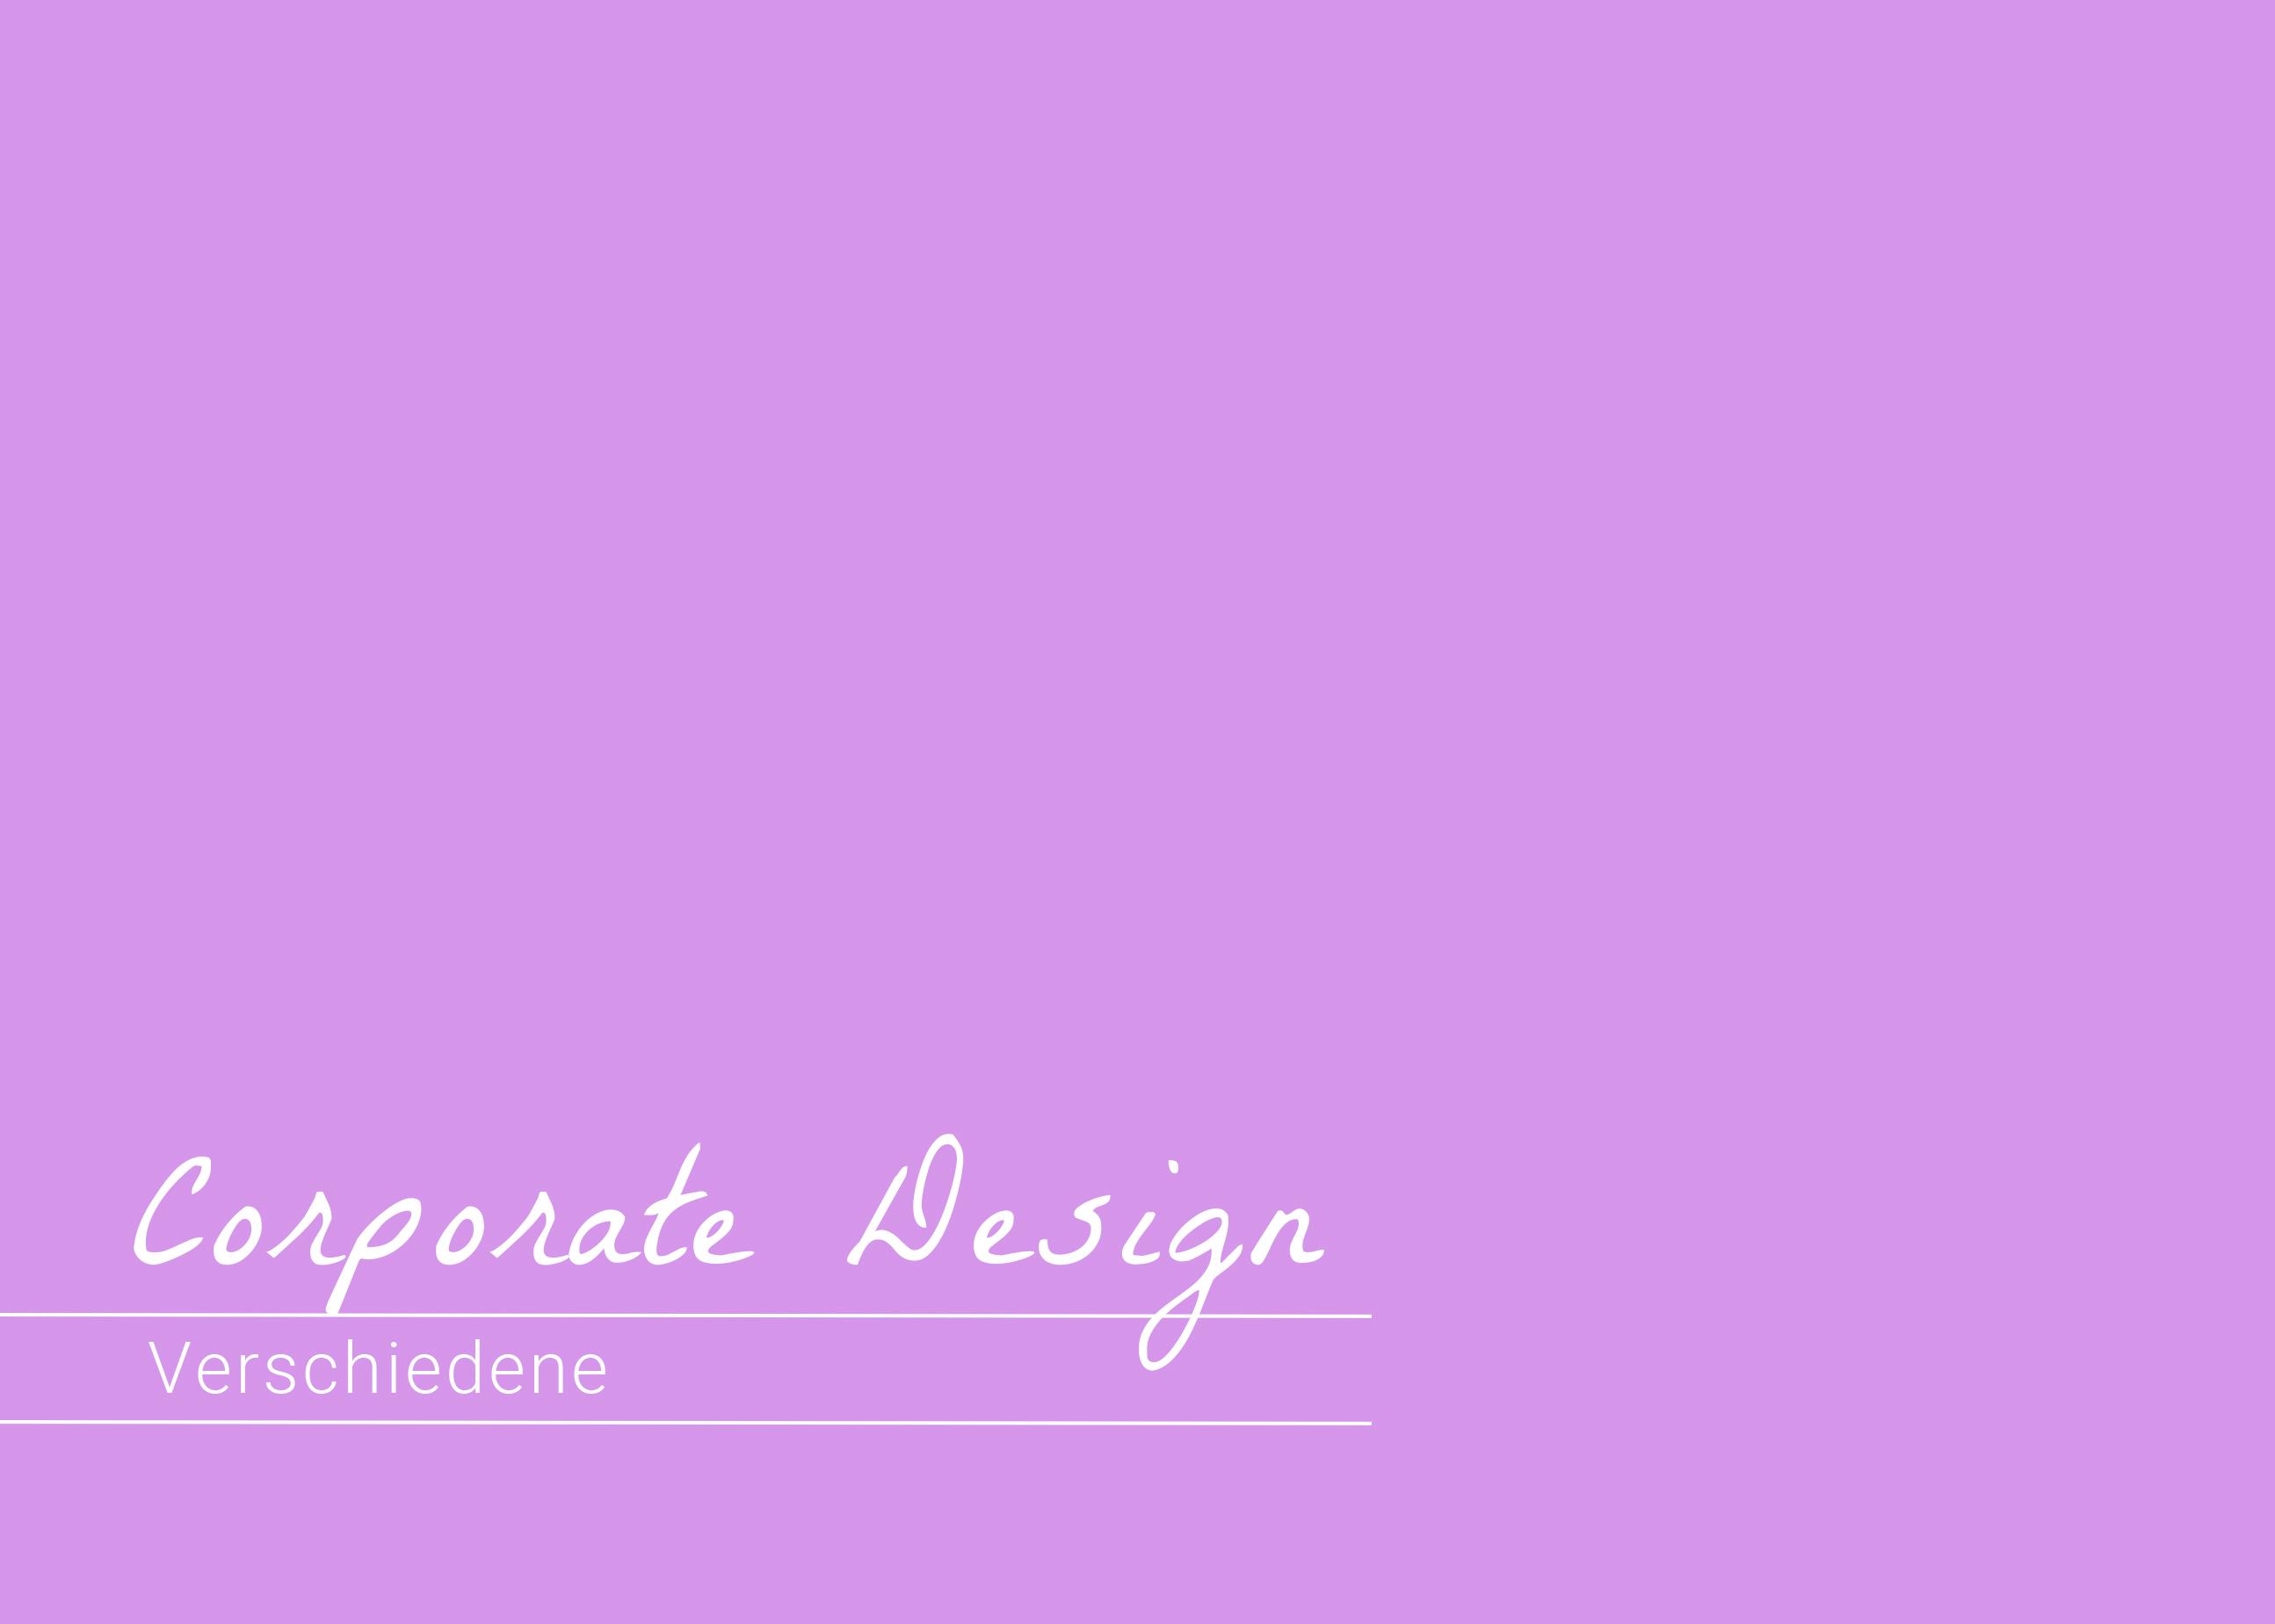 Corporate Design – Verschiedene